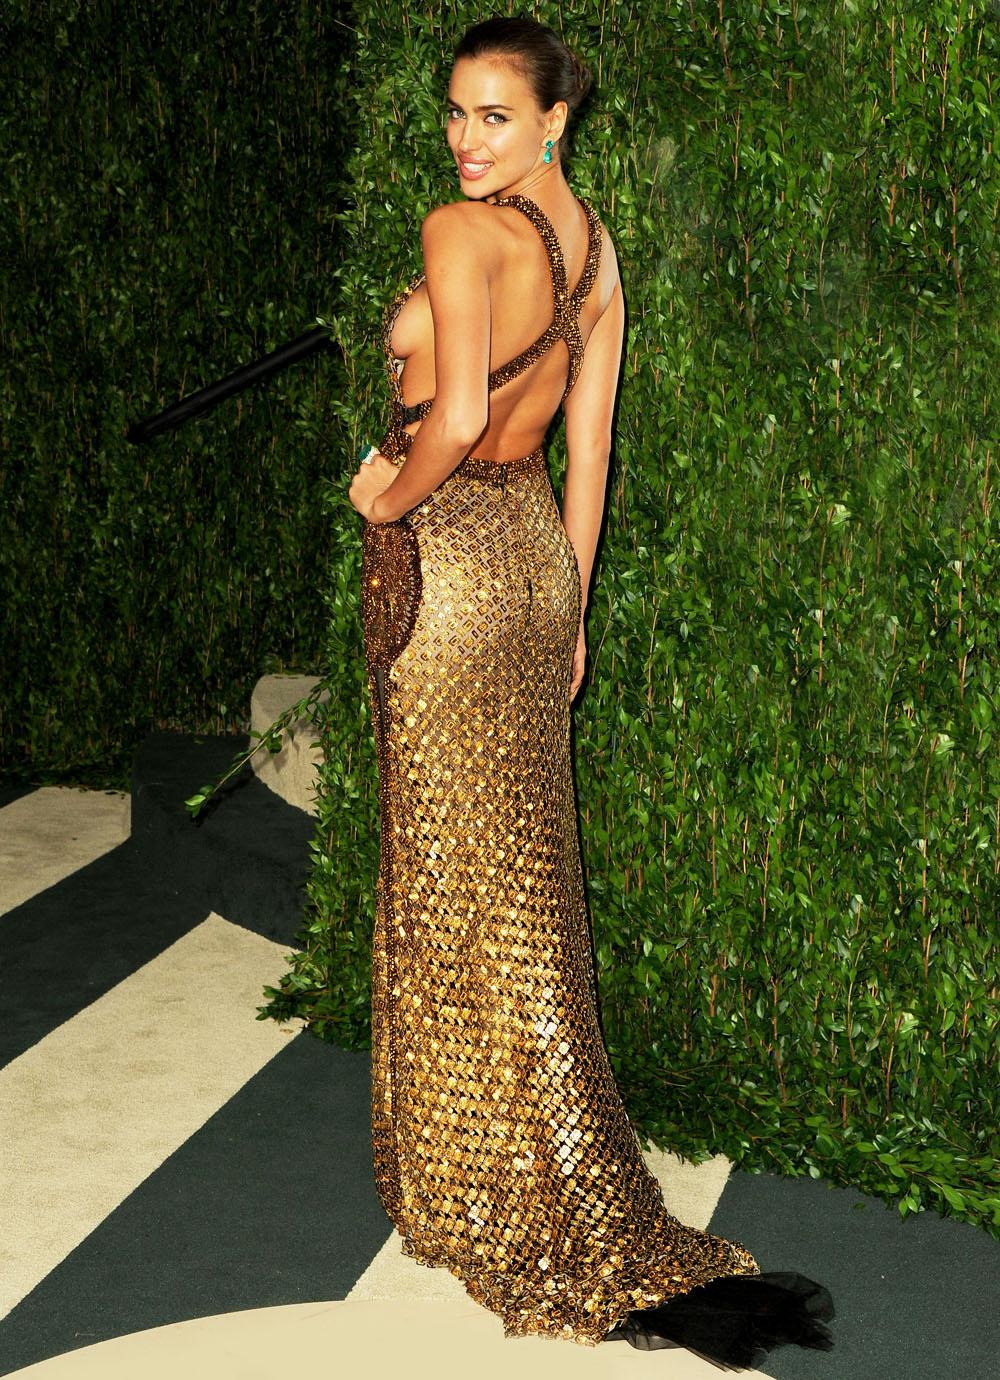 Ирина Шейк и ее лучшие платья: 15 самых ярких образов